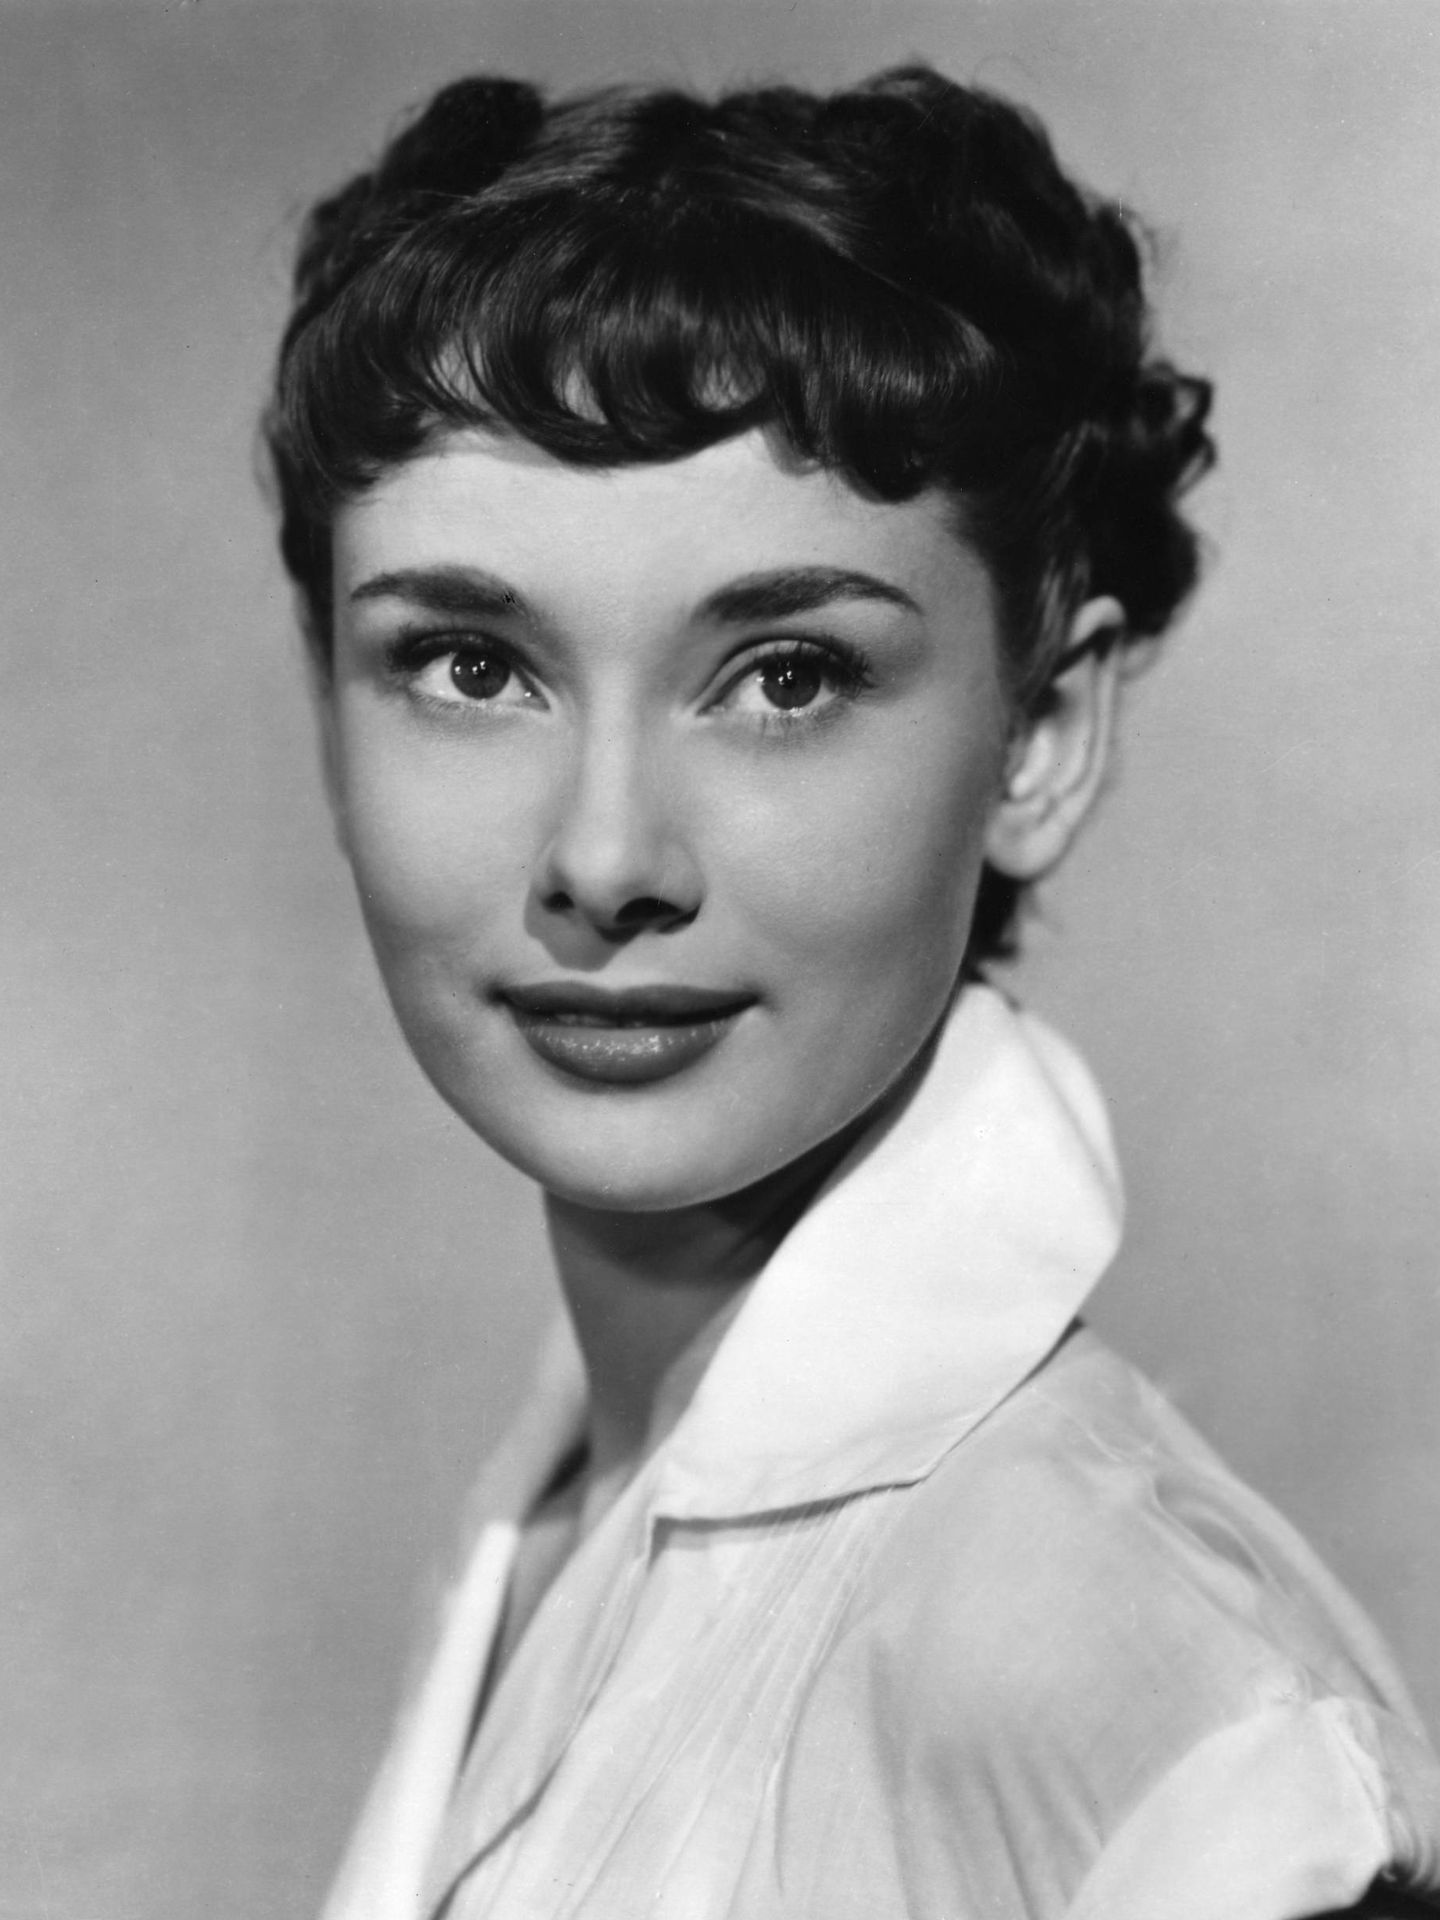 Audrey Hepburn, en 1953 durante el rodaje de 'Vacaciones en Roma' con el baby bang y el corte de pelo que le dieron la fama. (Cordon Press)